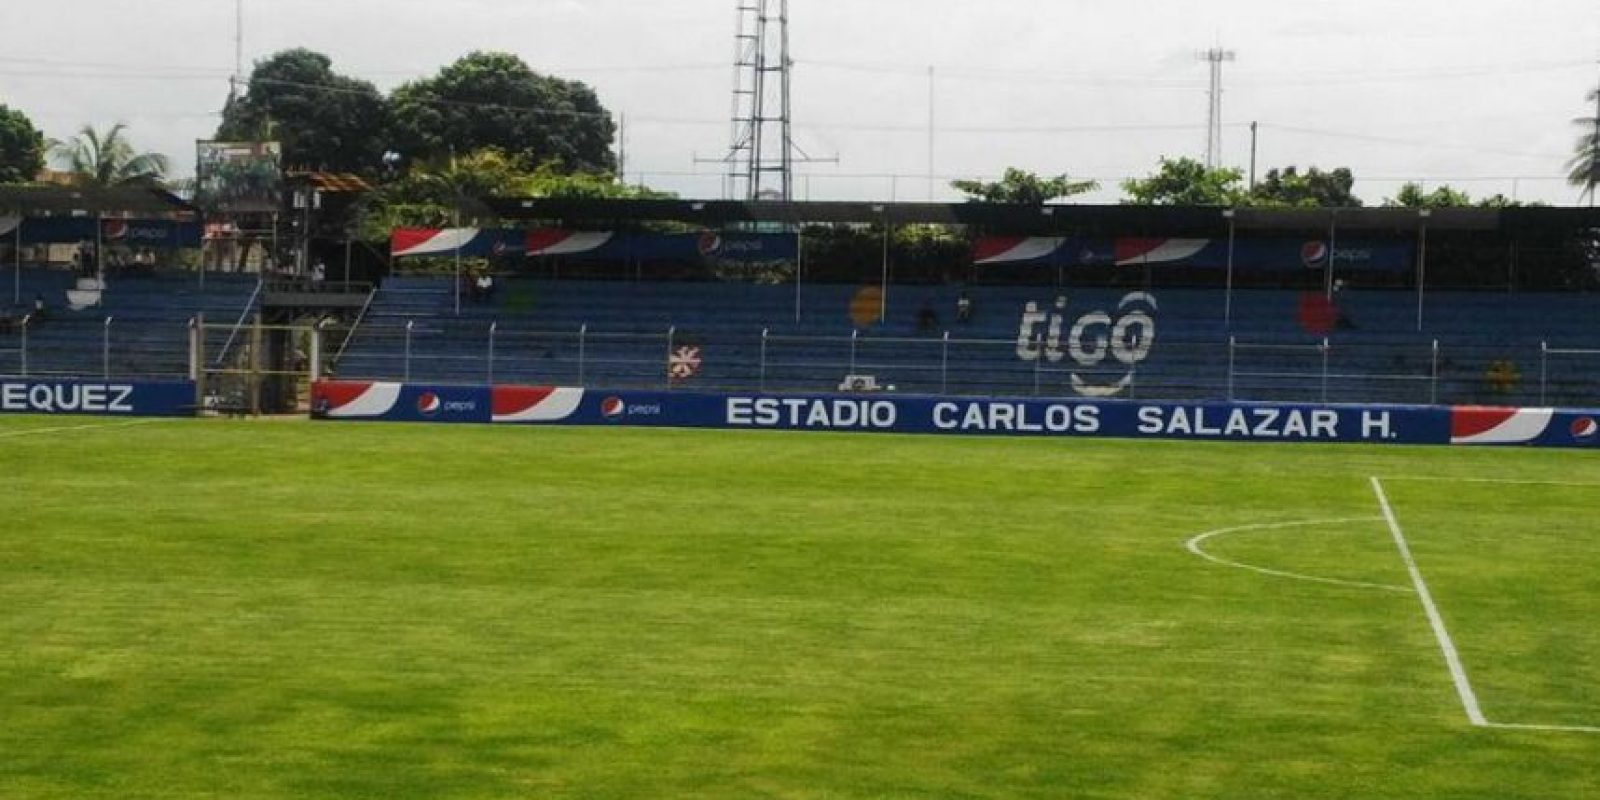 El estadio Carlos Salazar hijo es la sede del partido de esta noche. Foto:Emisoras Unidas